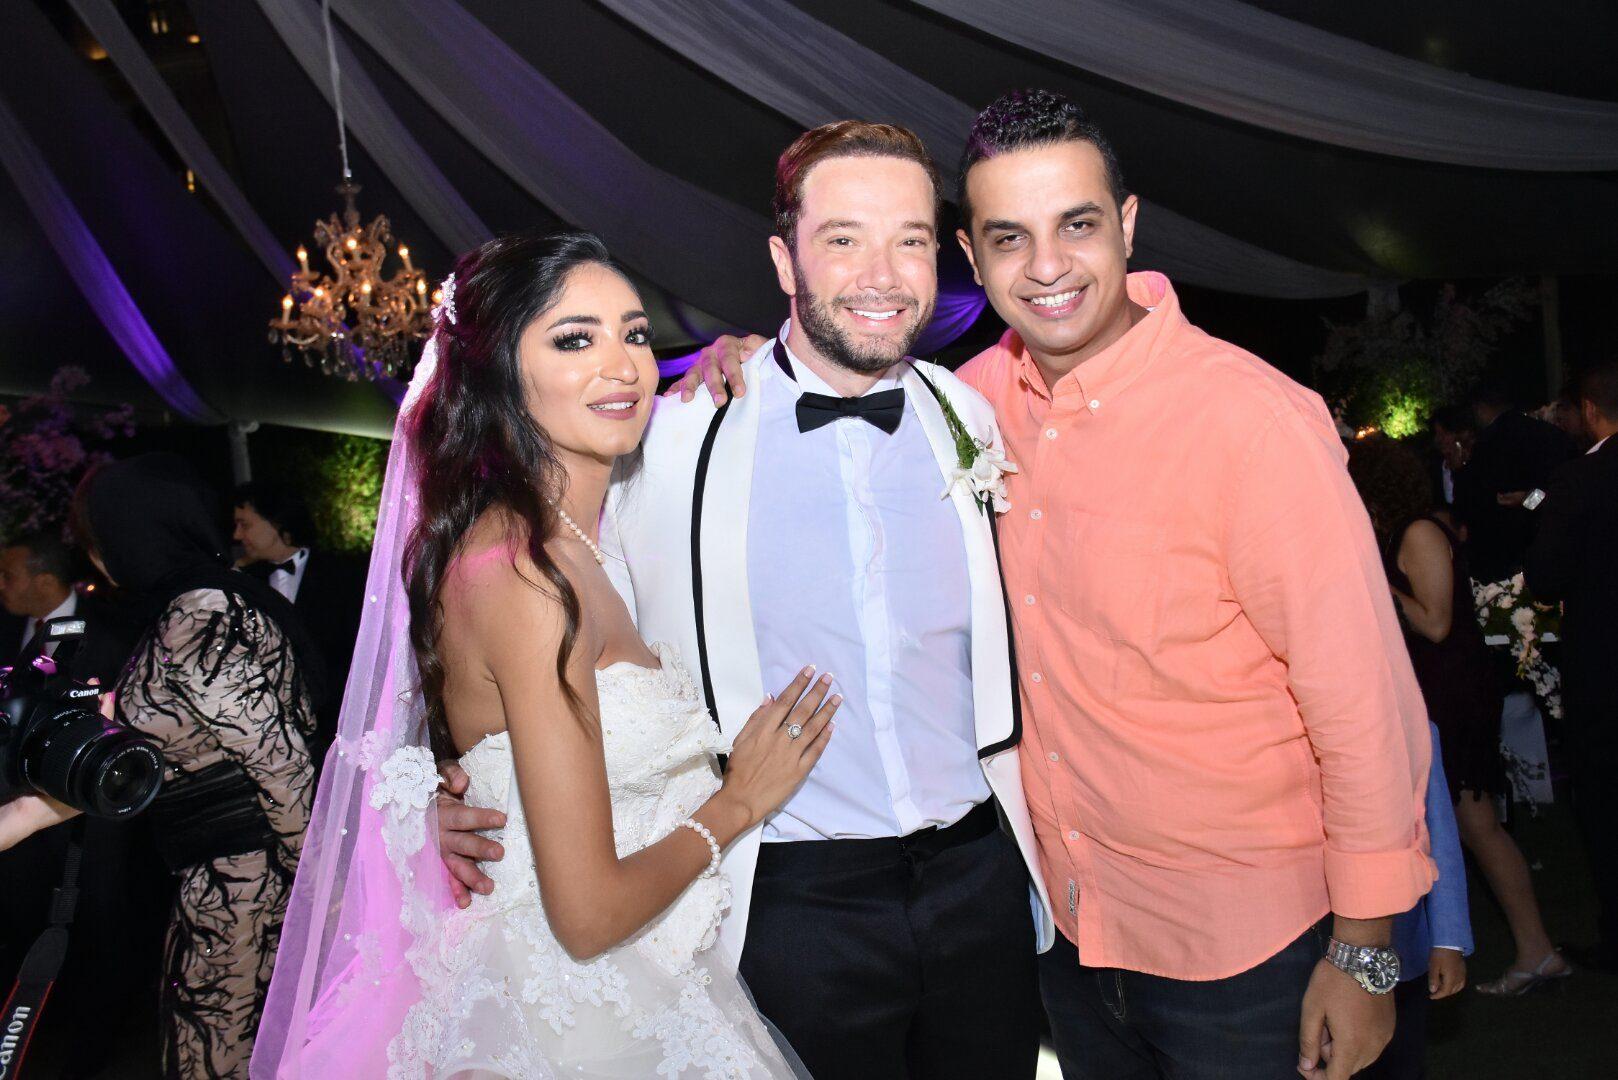 صور زواج ممثل غير محبوب 2 صور زفاف المشاهير والفنانين